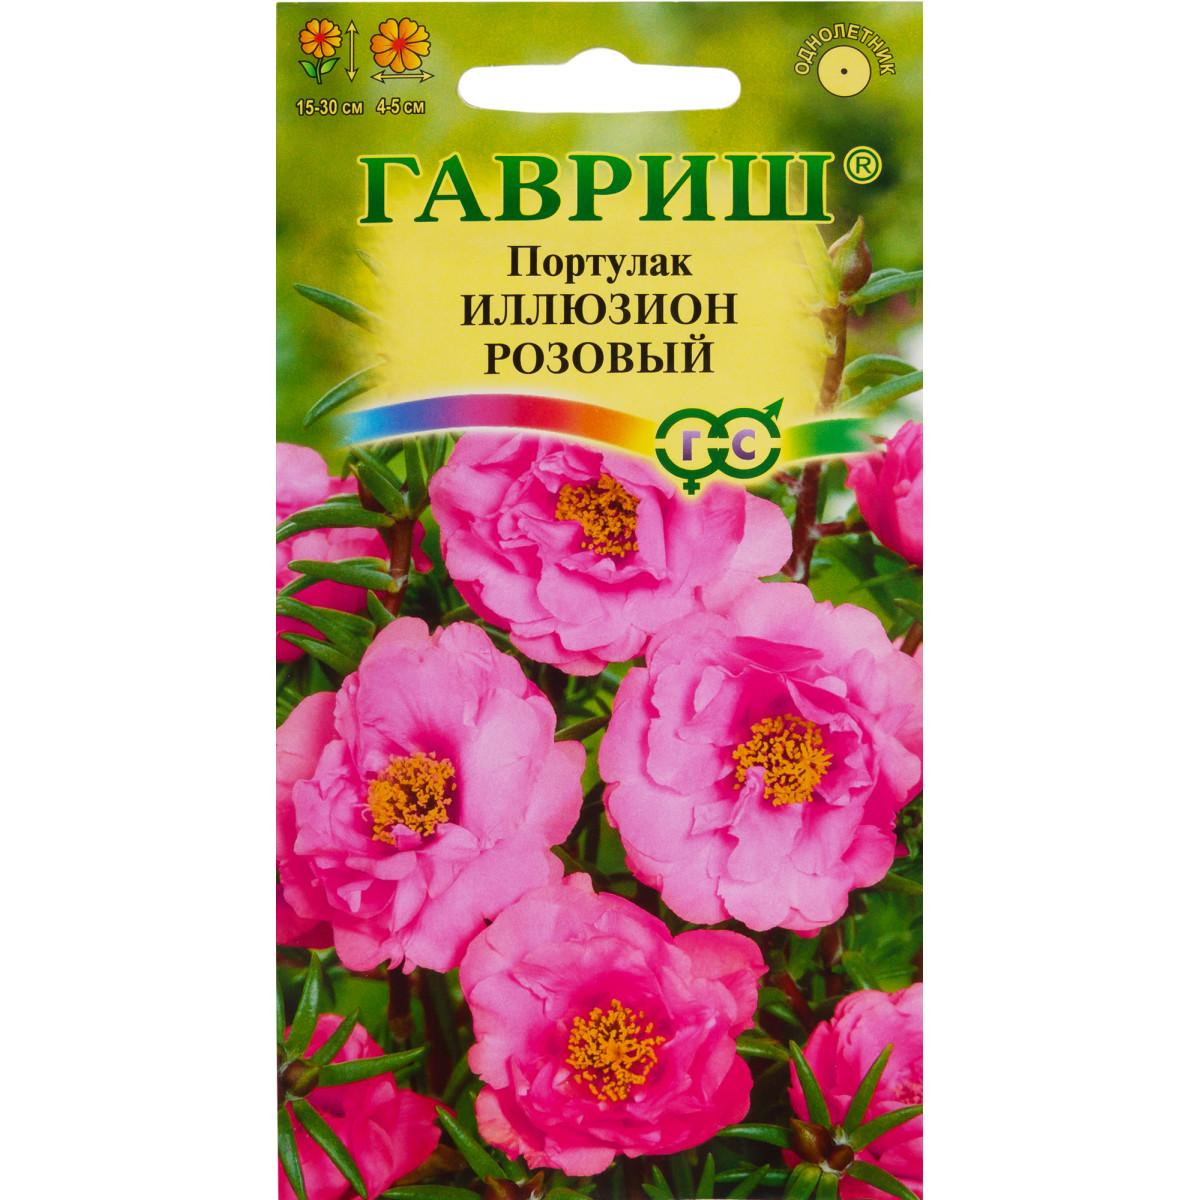 Портулак Иллюзион розовый 0.01 г